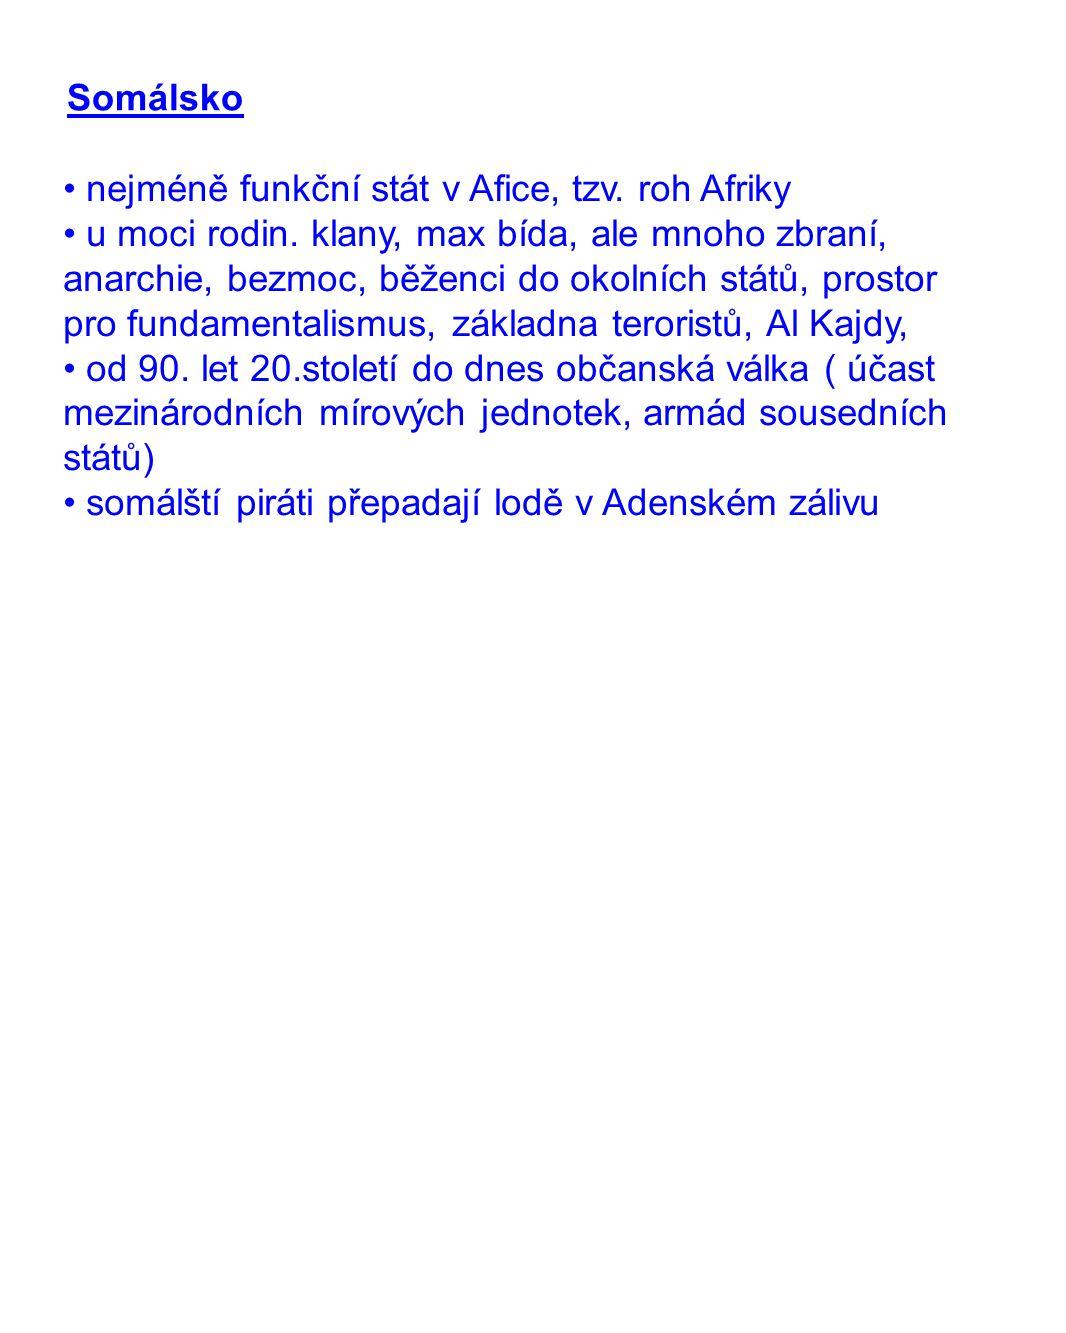 Somálsko • nejméně funkční stát v Afice, tzv. roh Afriky.